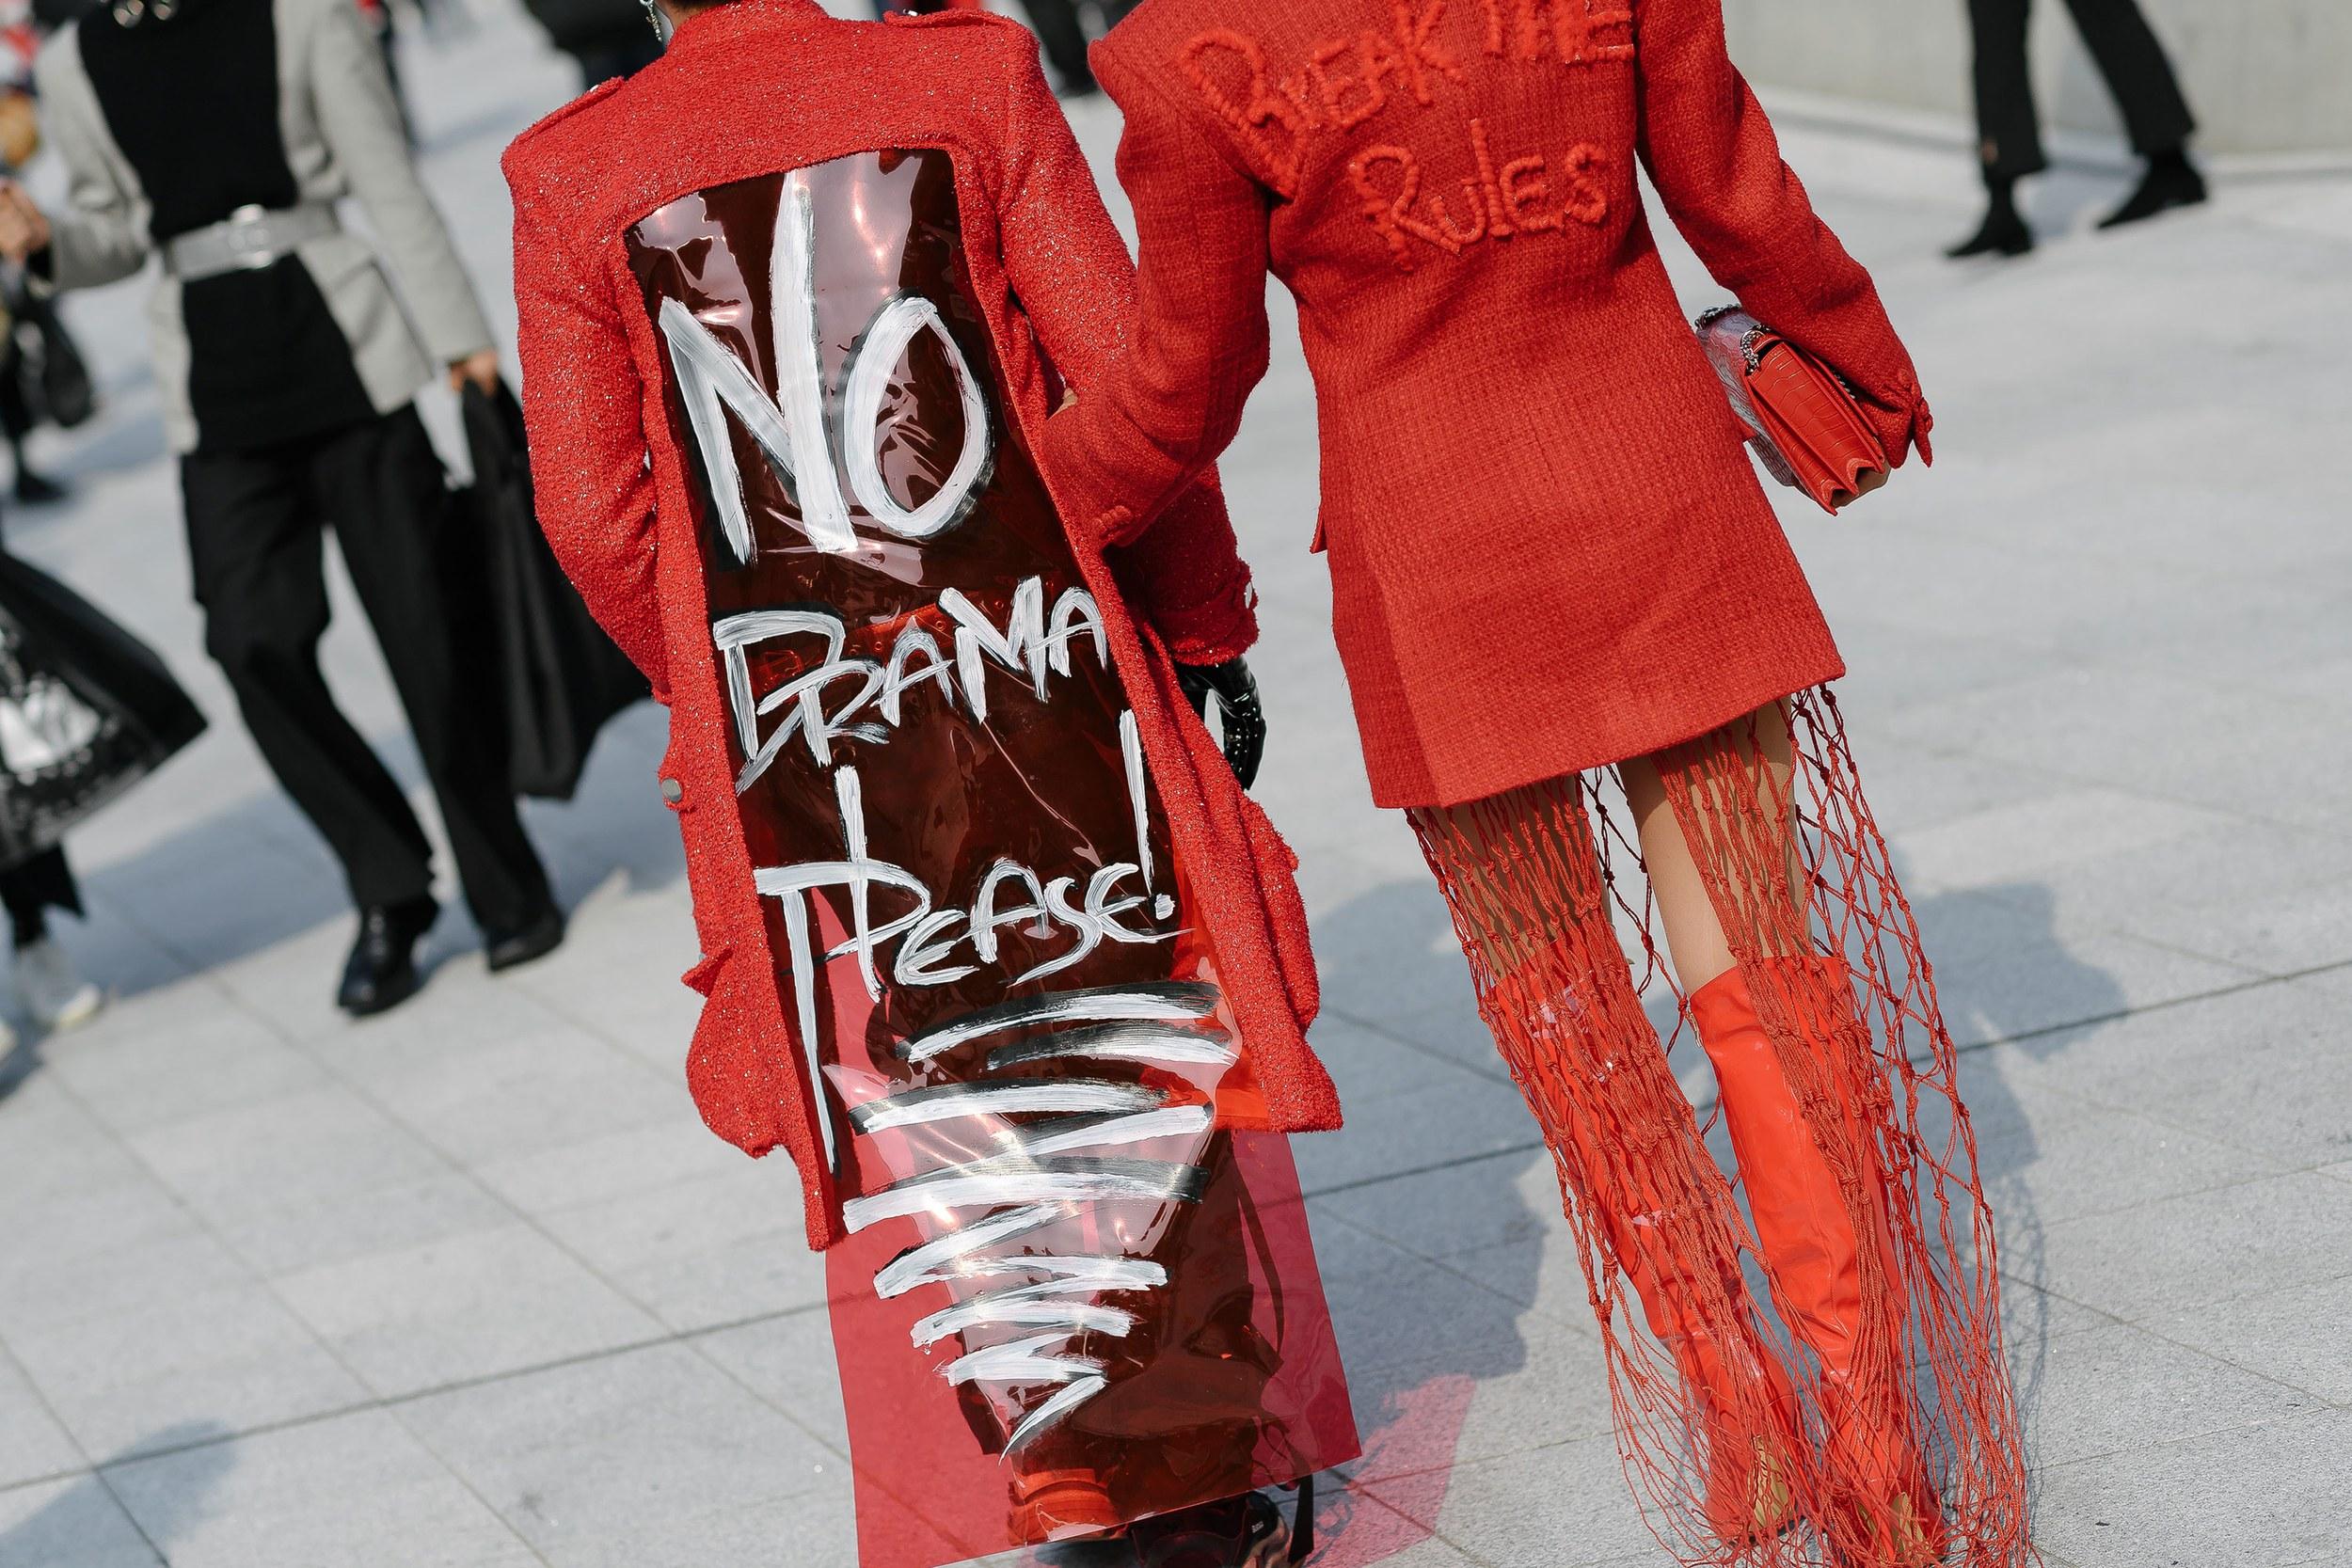 """Chiếc áo """"No Drama Coat"""" by Nguyễn Tiến Truyển lọt vào mắt xanh của nhiều nhiếp ảnh gia hàng đầu. Ảnh: Alex Finch"""